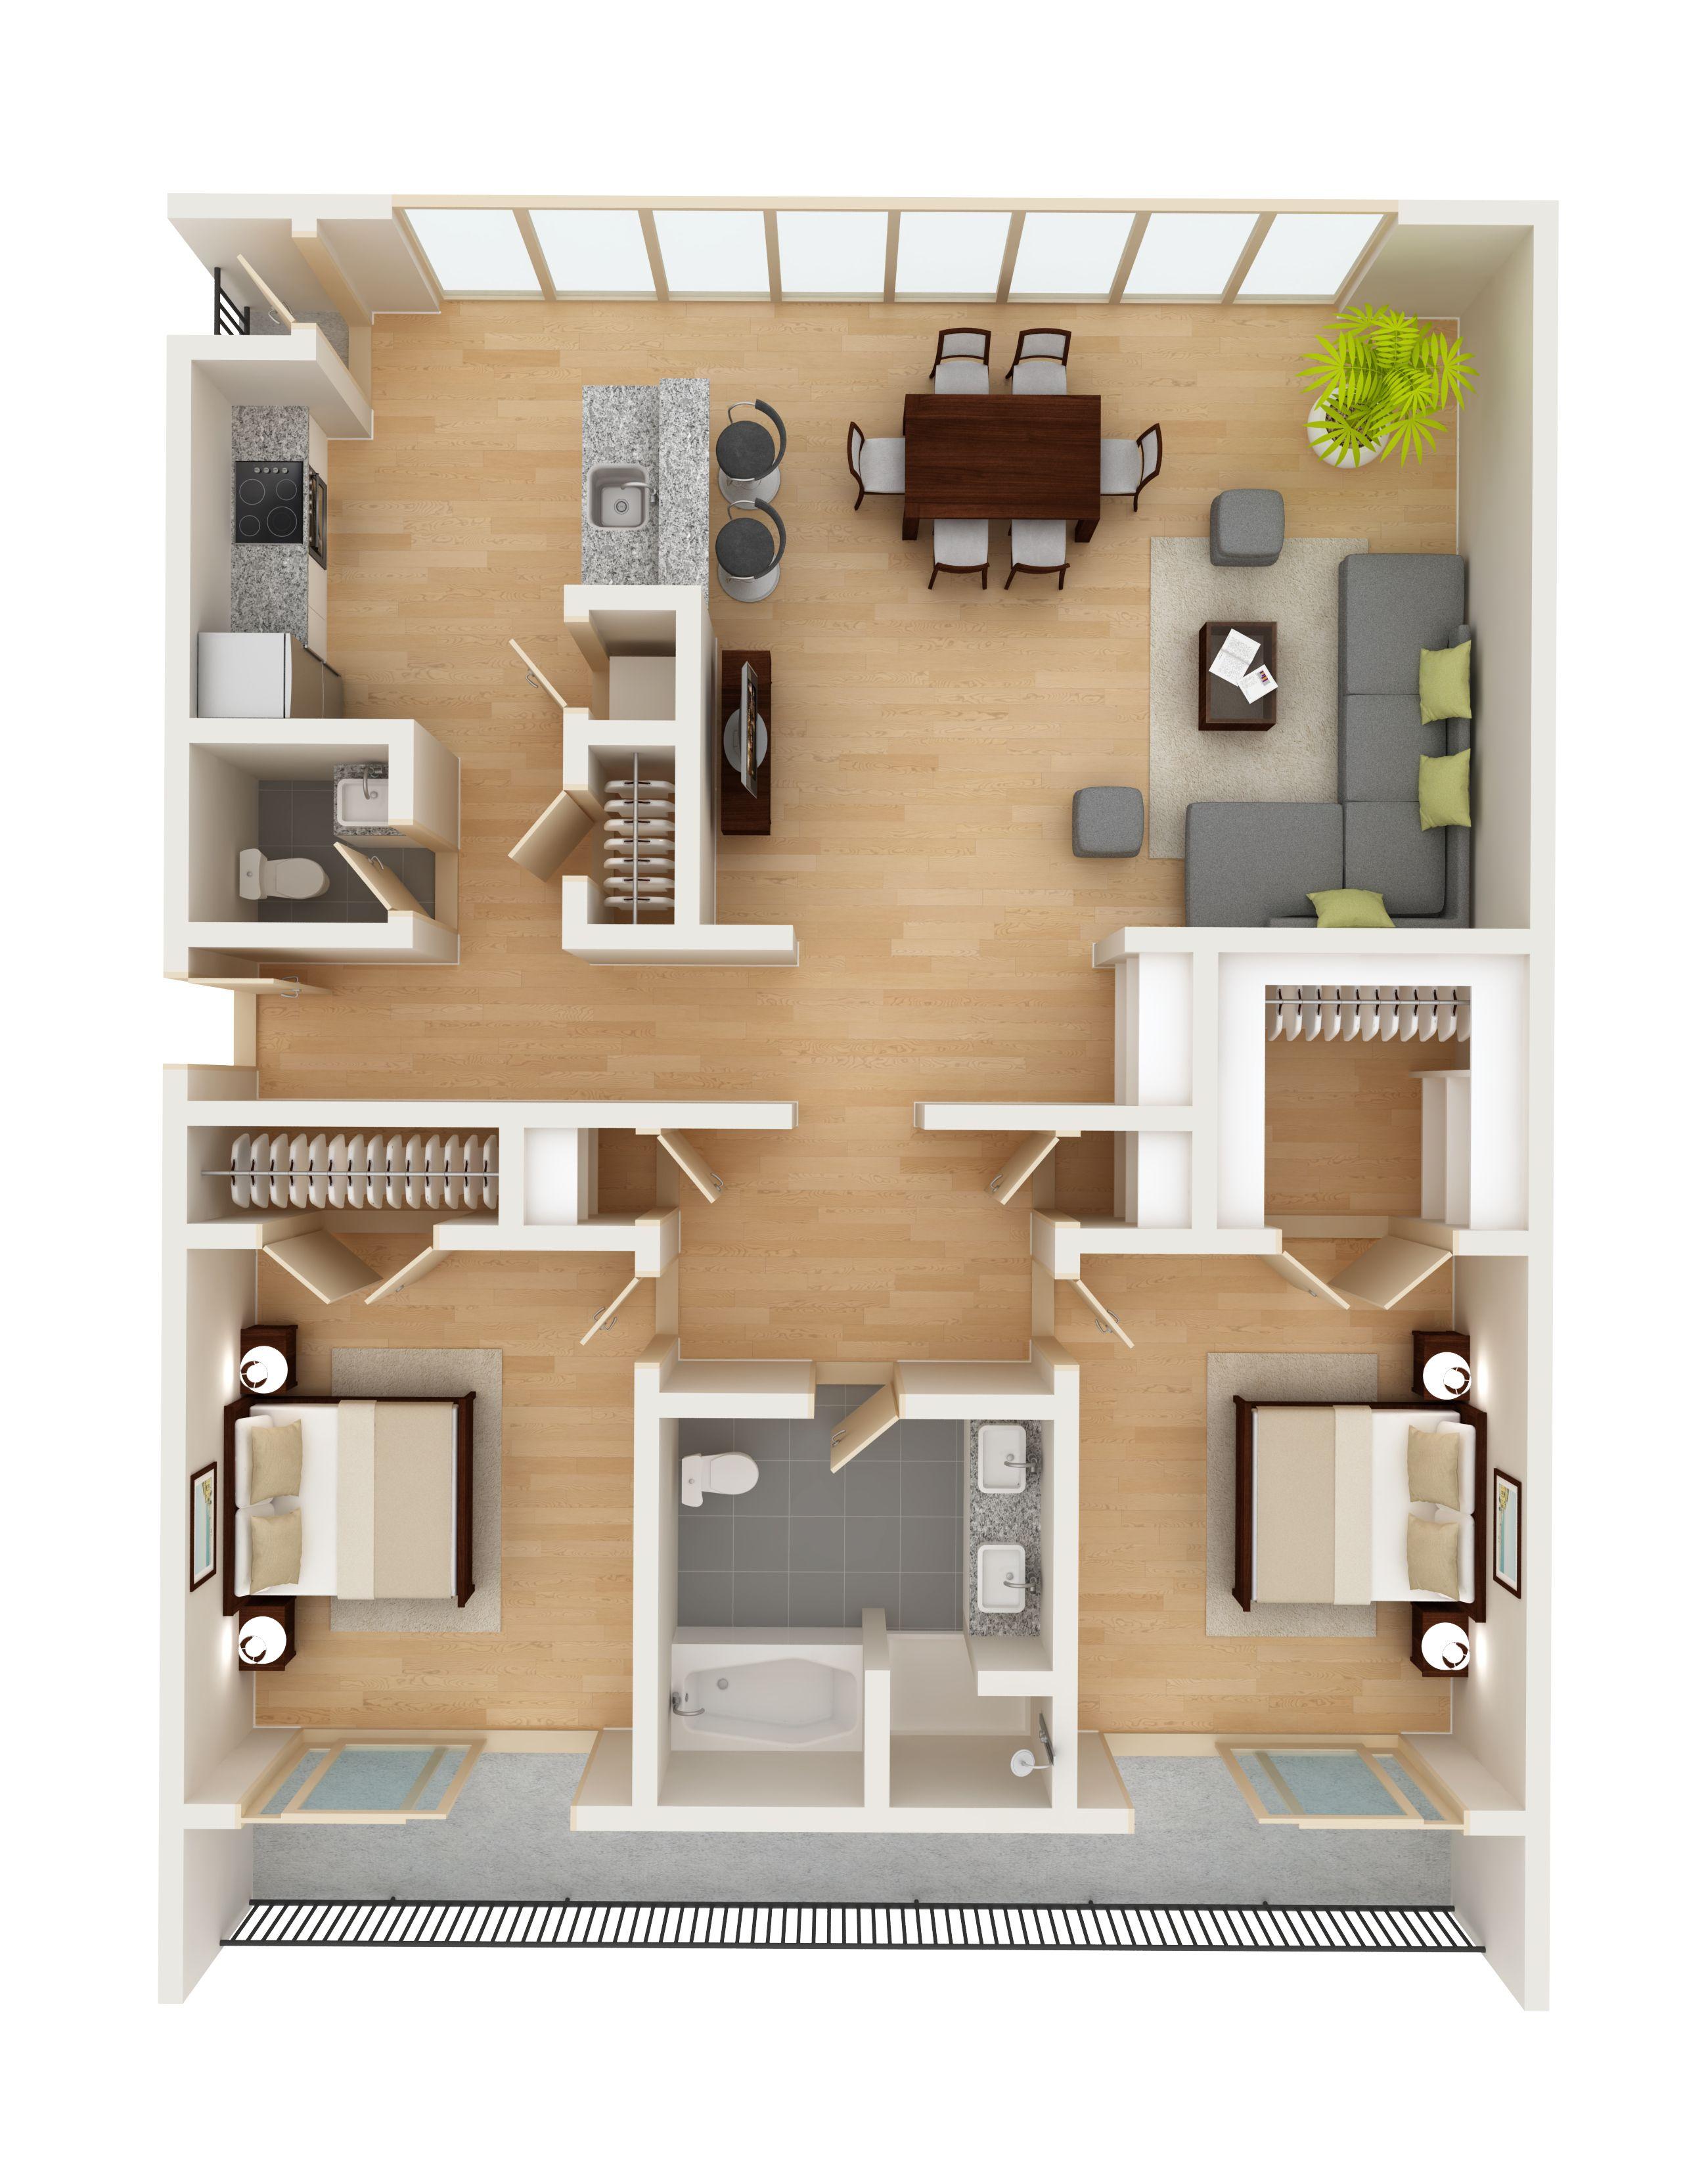 Plan De Maison Moderne design maison logiciel - kumpalo.parkersydnorhistoric